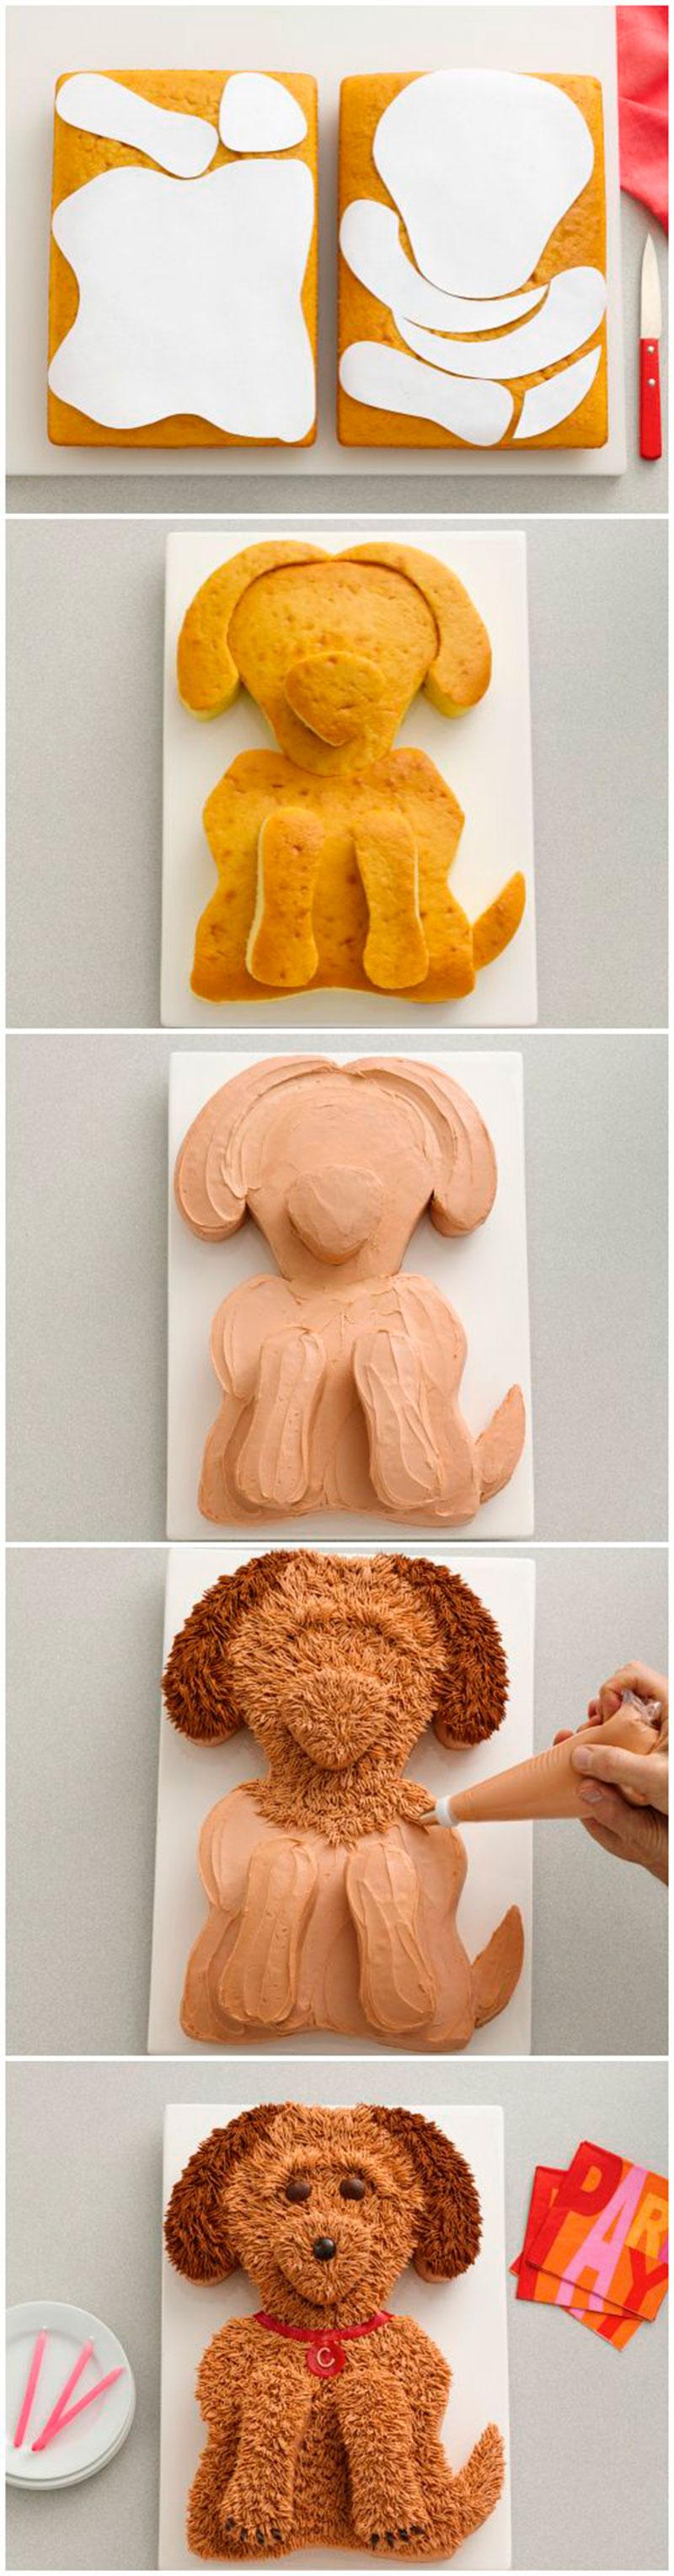 tutorial-bolo-festa-cachorro